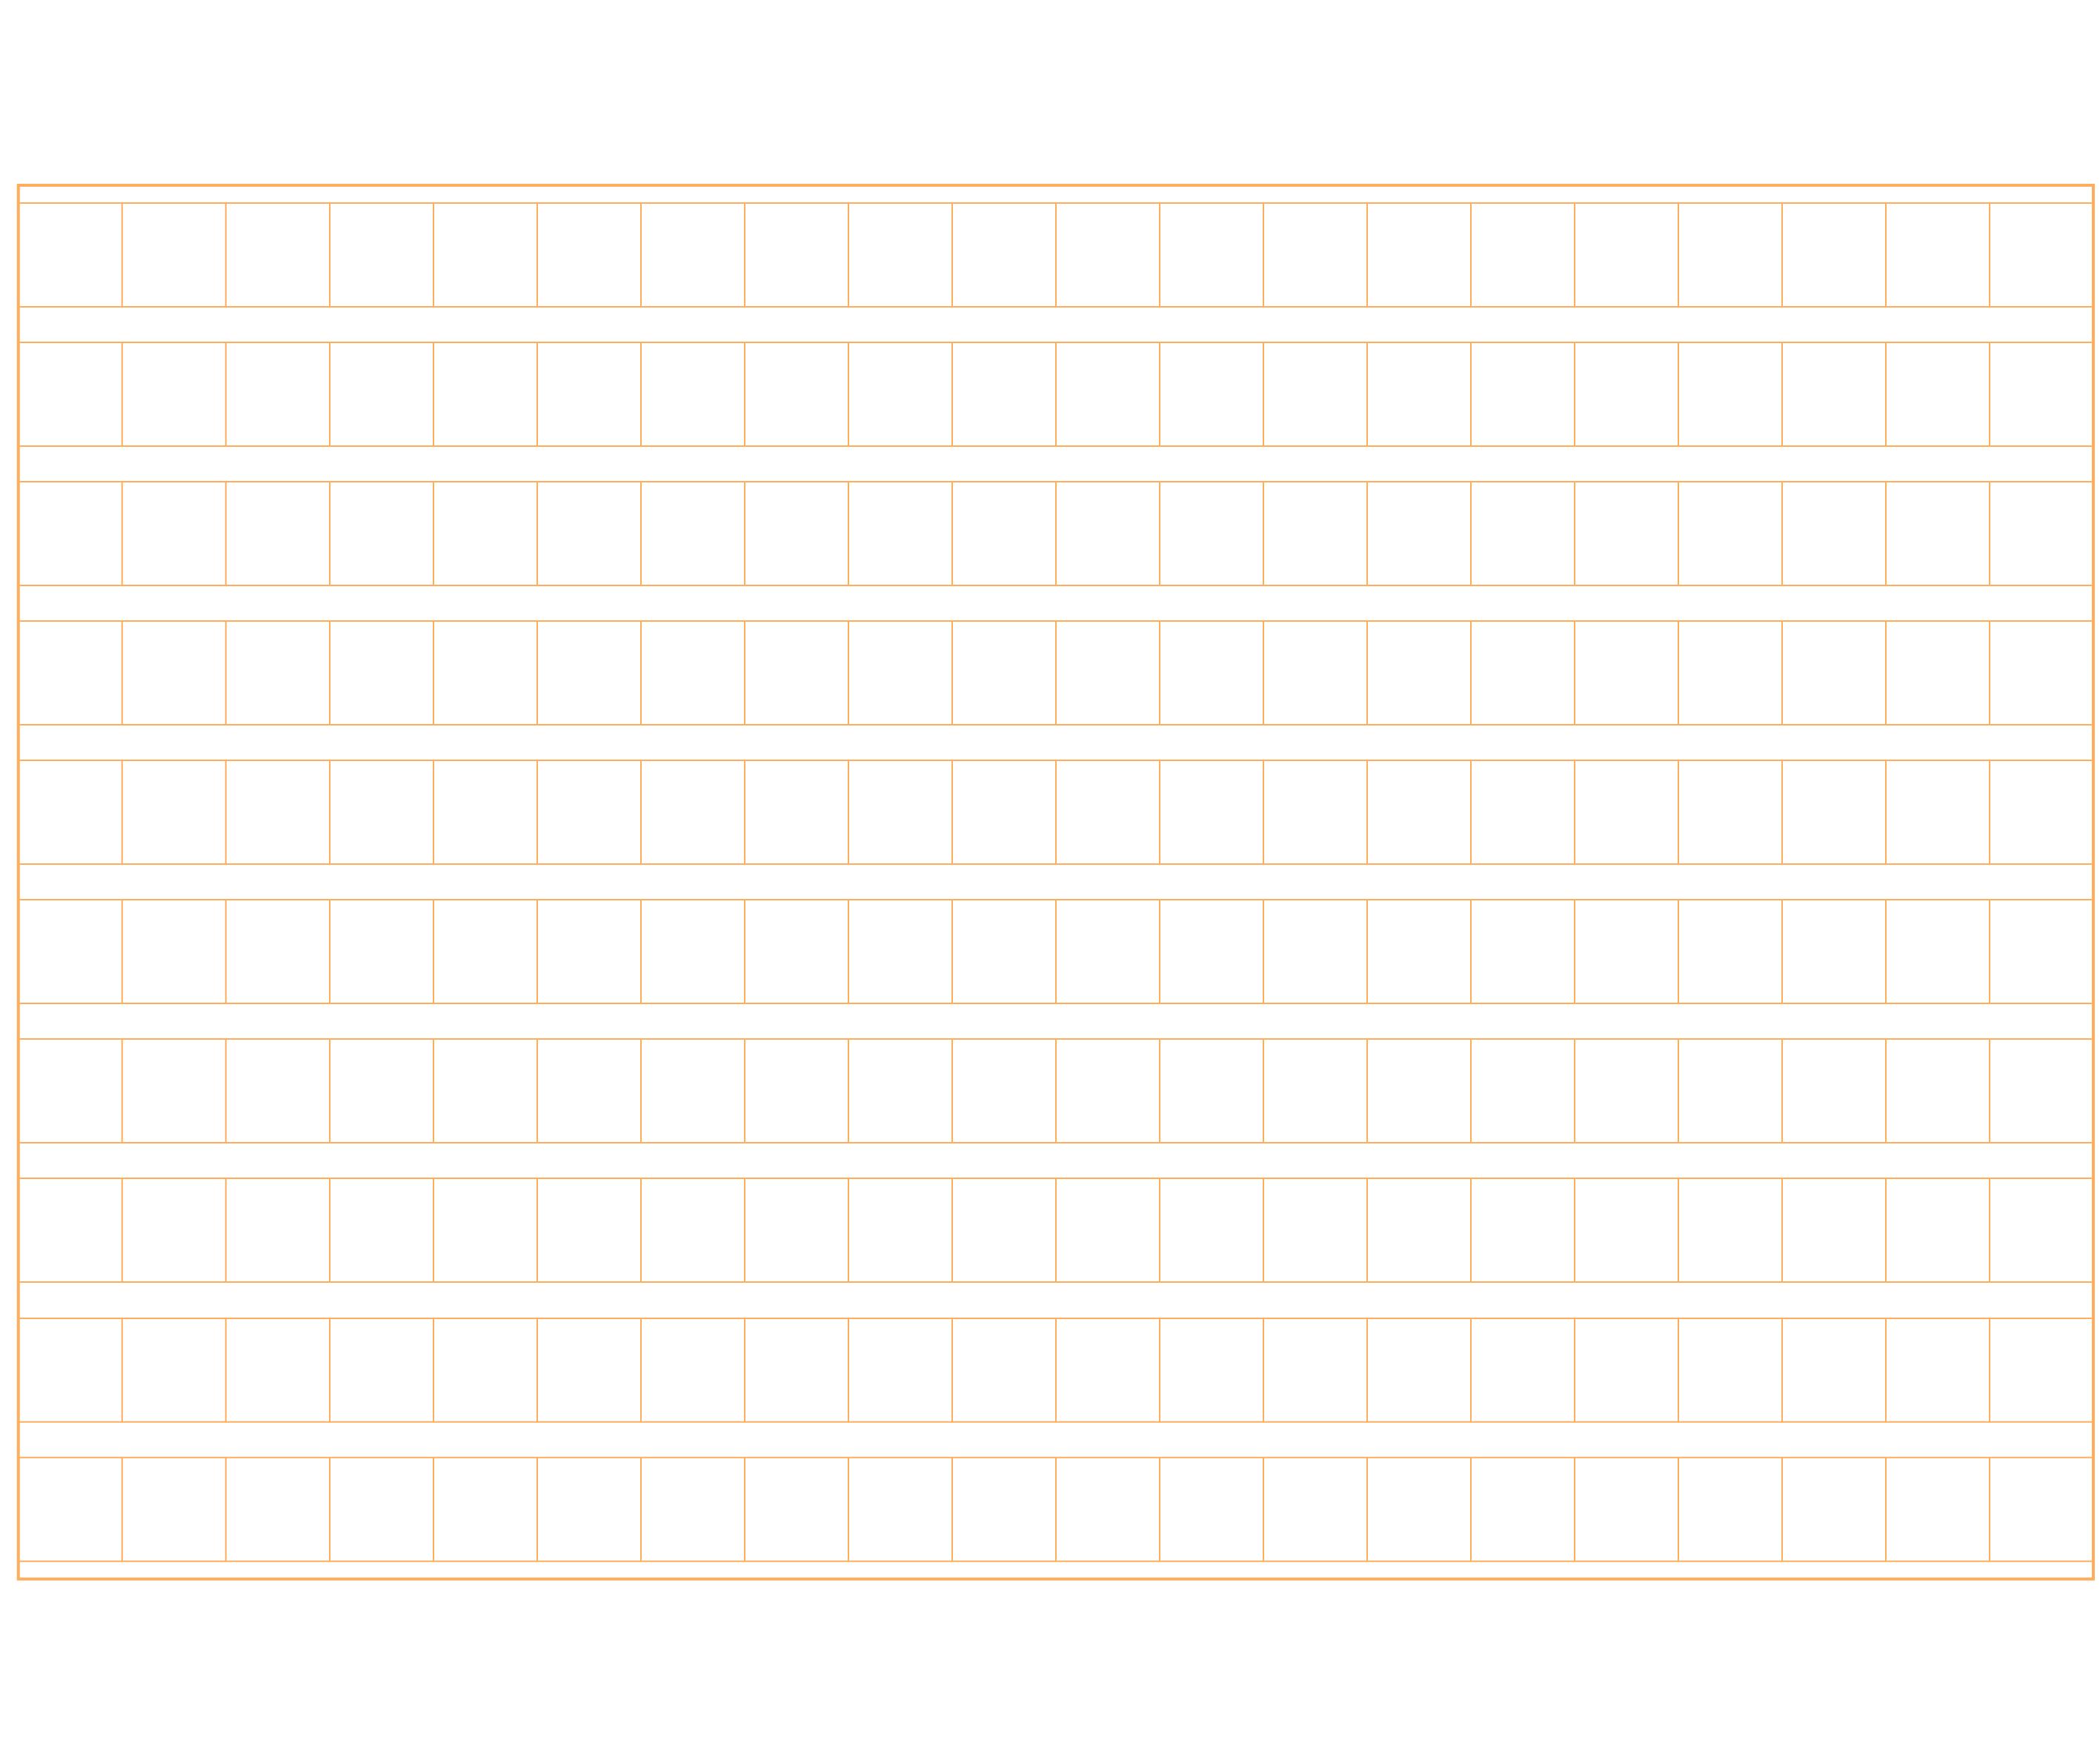 原稿用紙(200字横書きA4横)